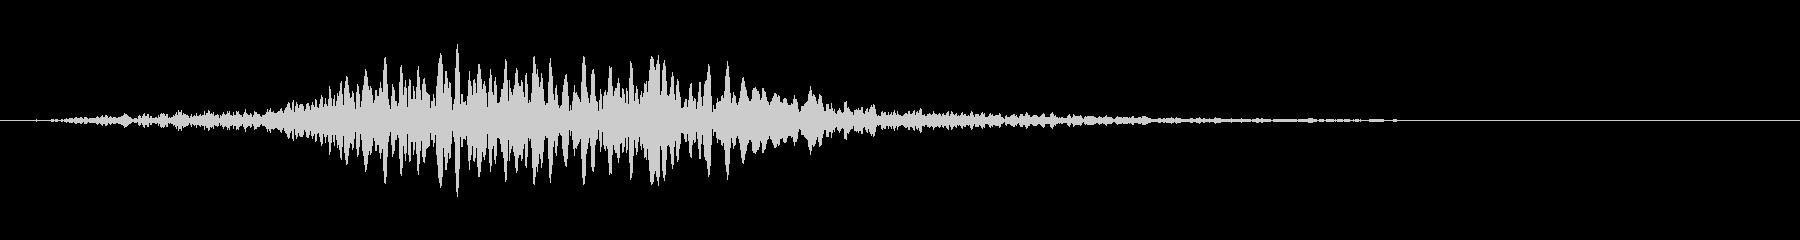 オバケ コミカル 鳴き声03の未再生の波形